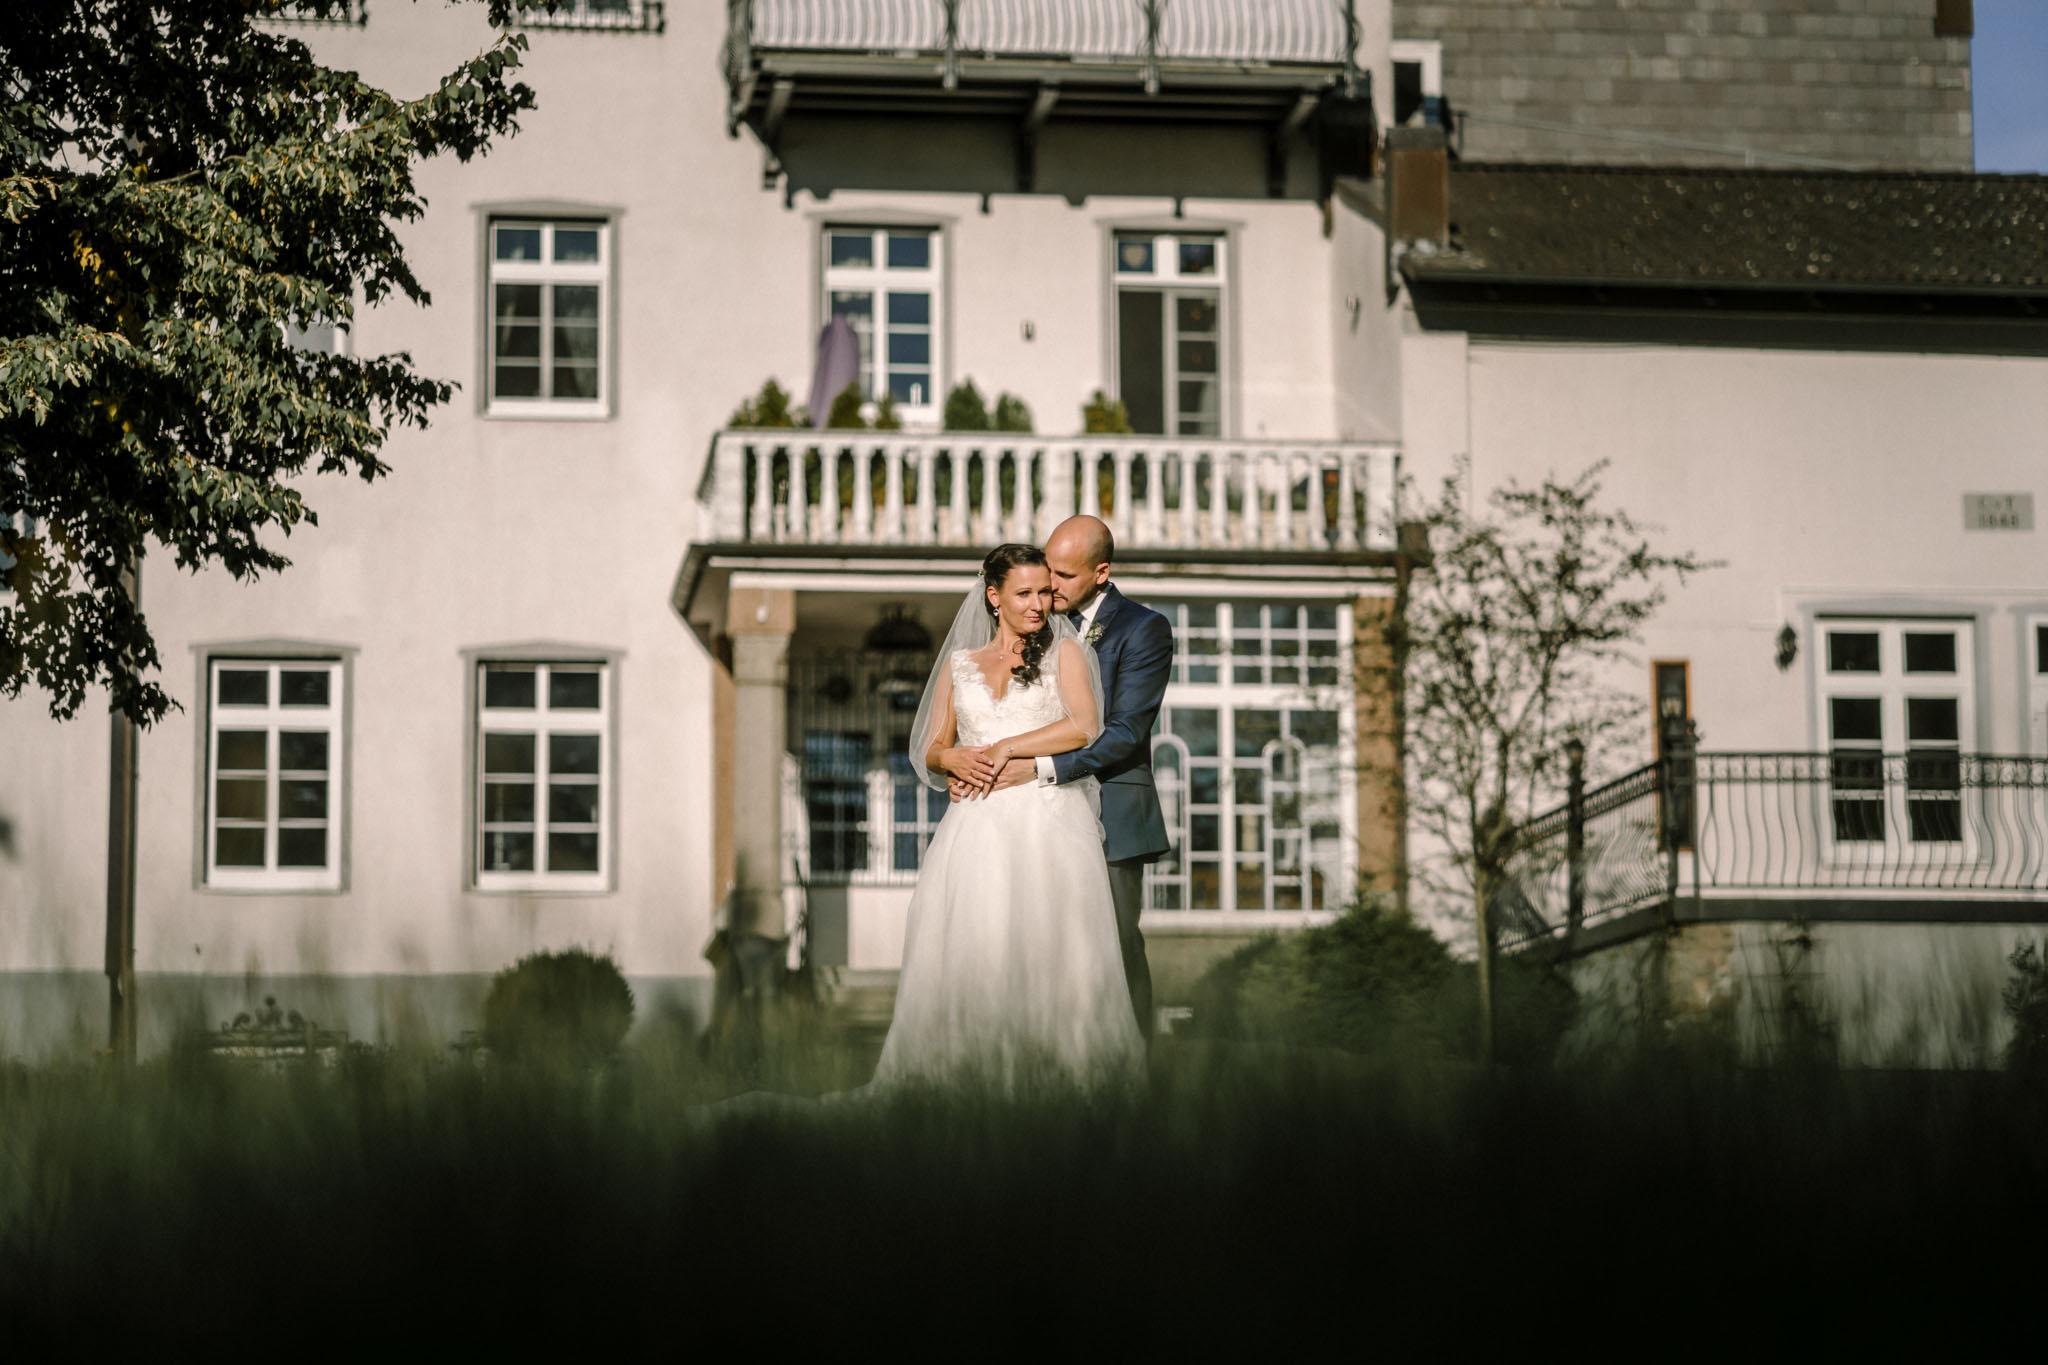 Hochzeitsfieber by Photo-Schomburg, Hochzeitsfotograf, Hamburg,Hochzeitstag, Hochzeitspaar, Braut, Bräutigam, Literaturhauscafe Zarrentin-99